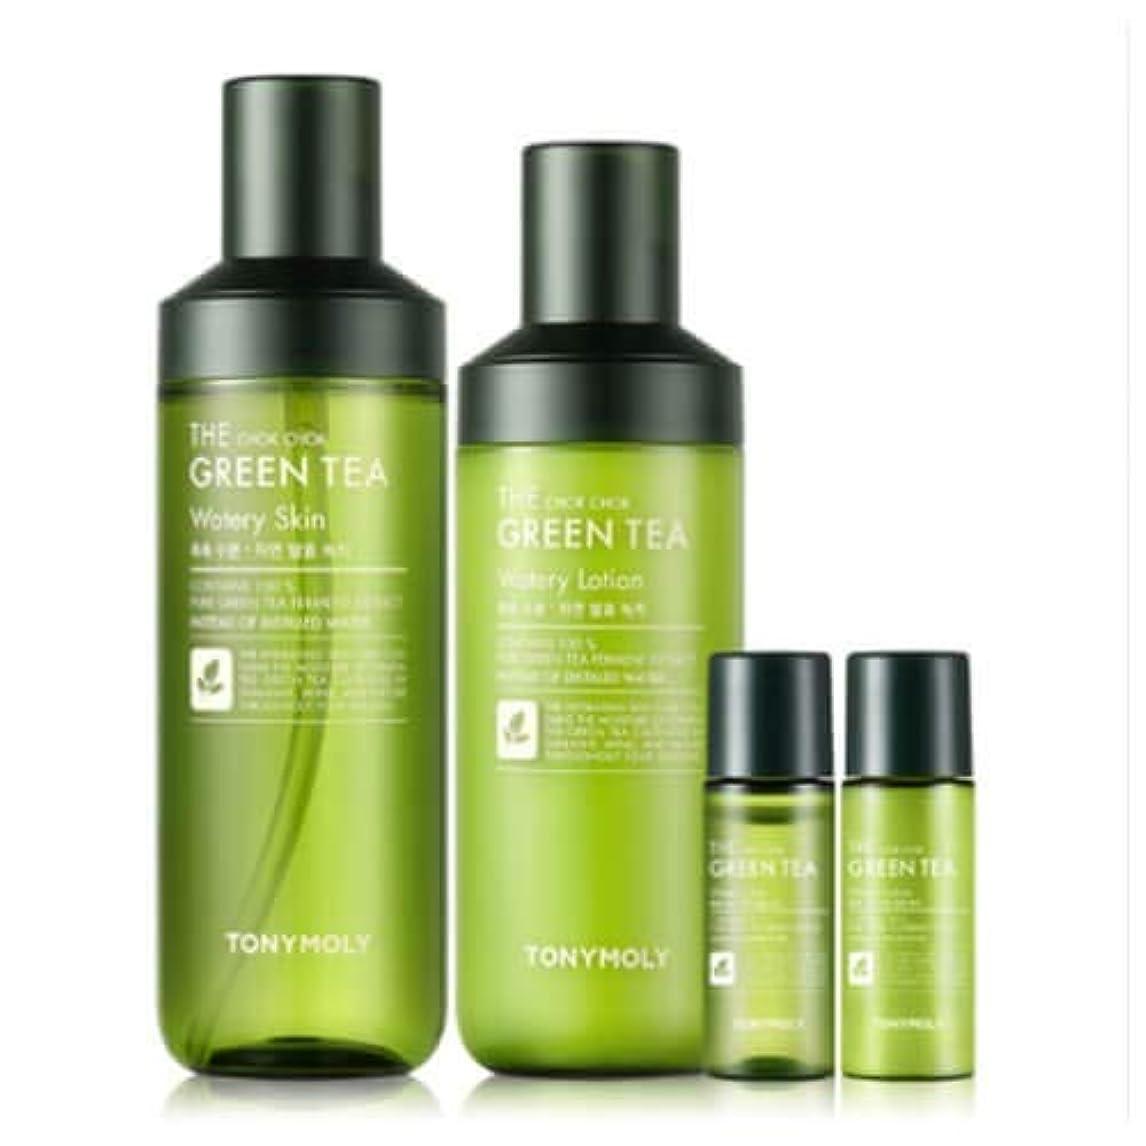 安いですキャリッジ素人TONYMOLY しっとり グリーン ティー 水分 化粧水 乳液 セット 抹茶 The Chok Chok Green Tea Watery Skin